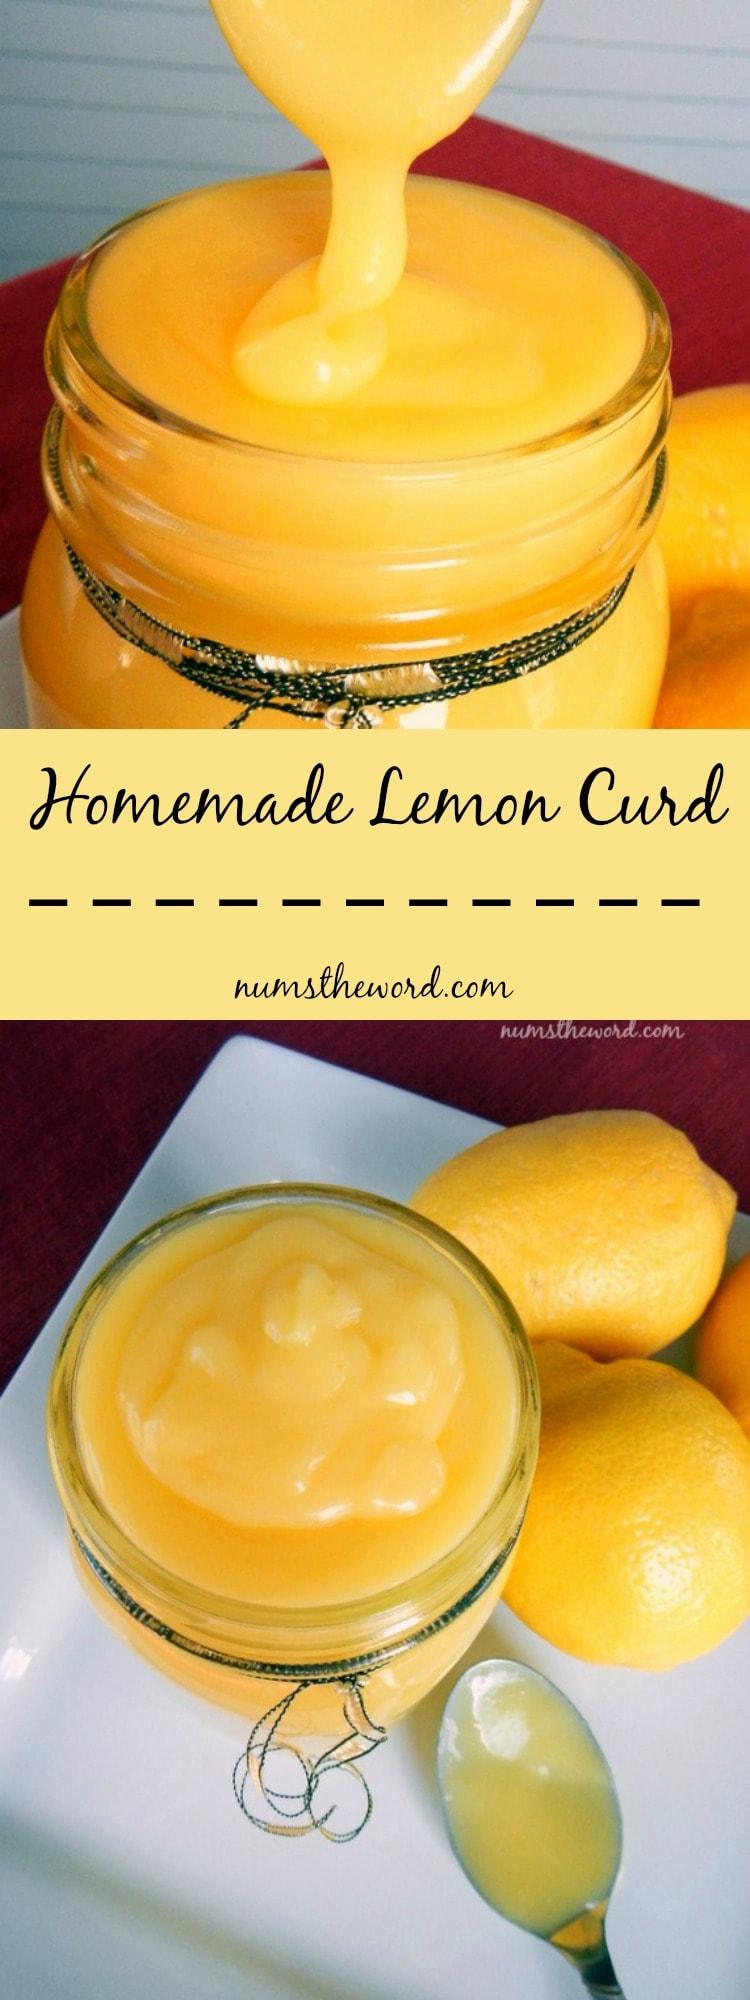 homemade lemon curd long